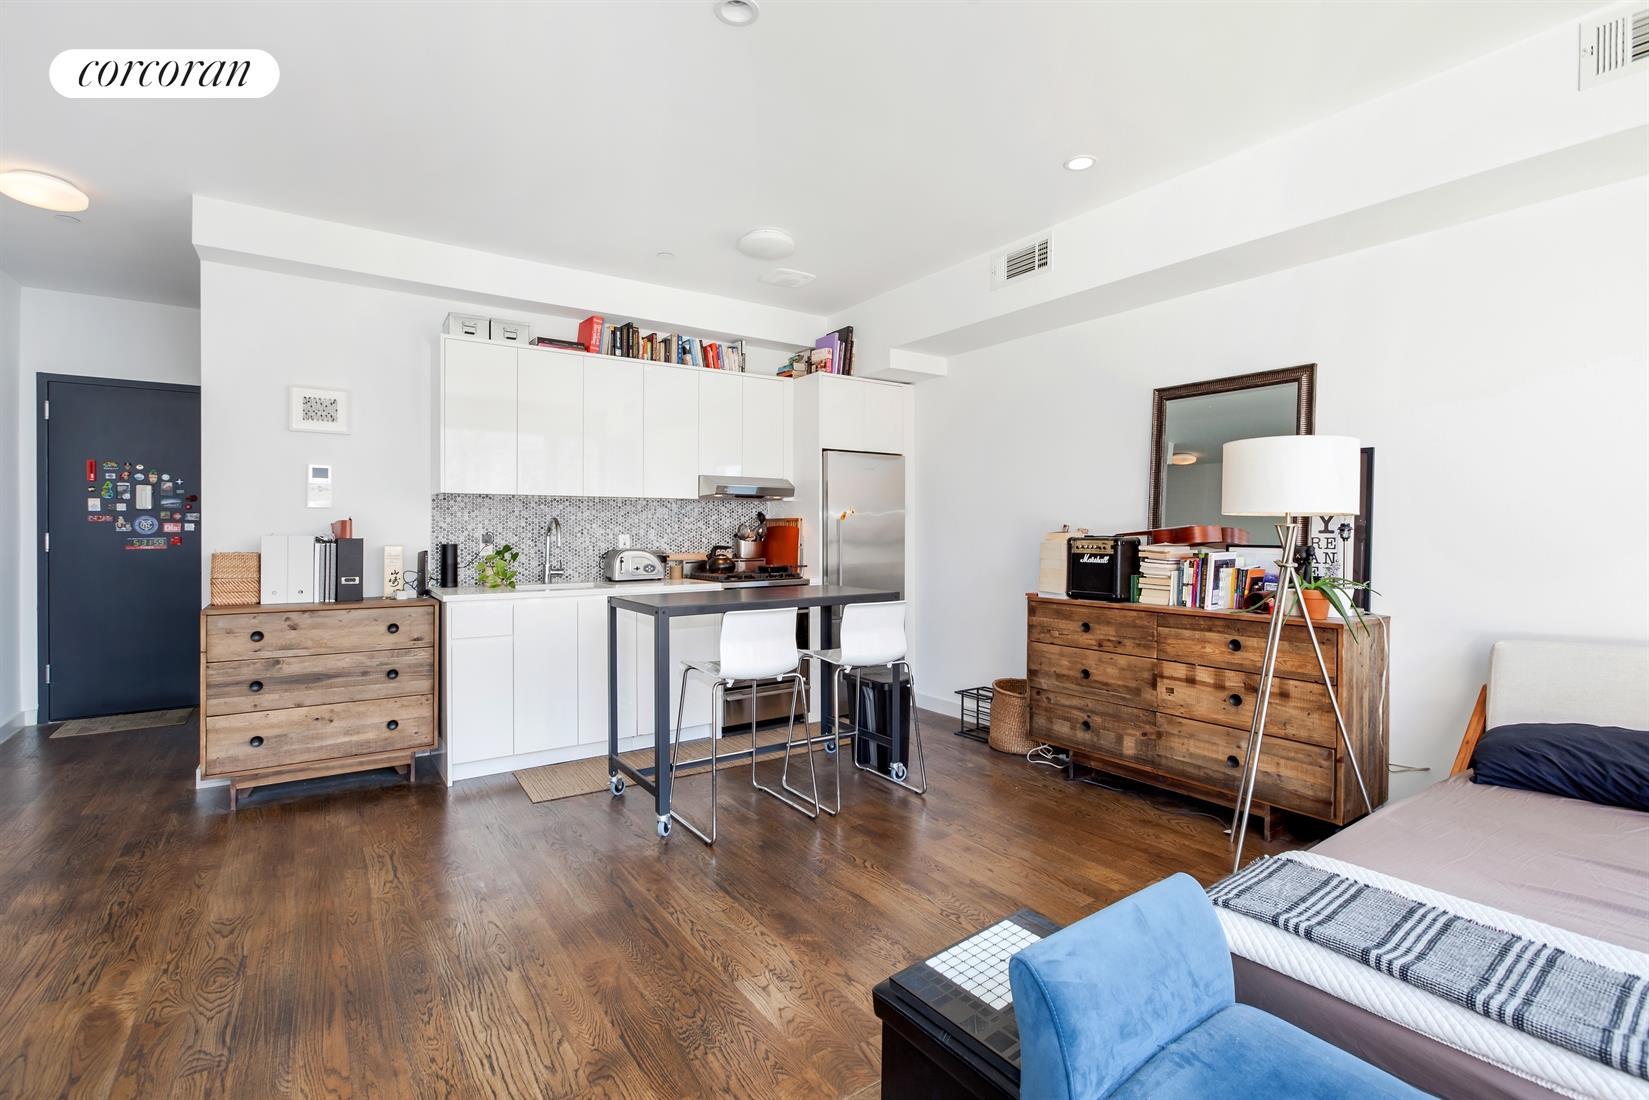 Corcoran, 309 Cooper Street, Apt. 2B, Bushwick Rentals, Brooklyn ...